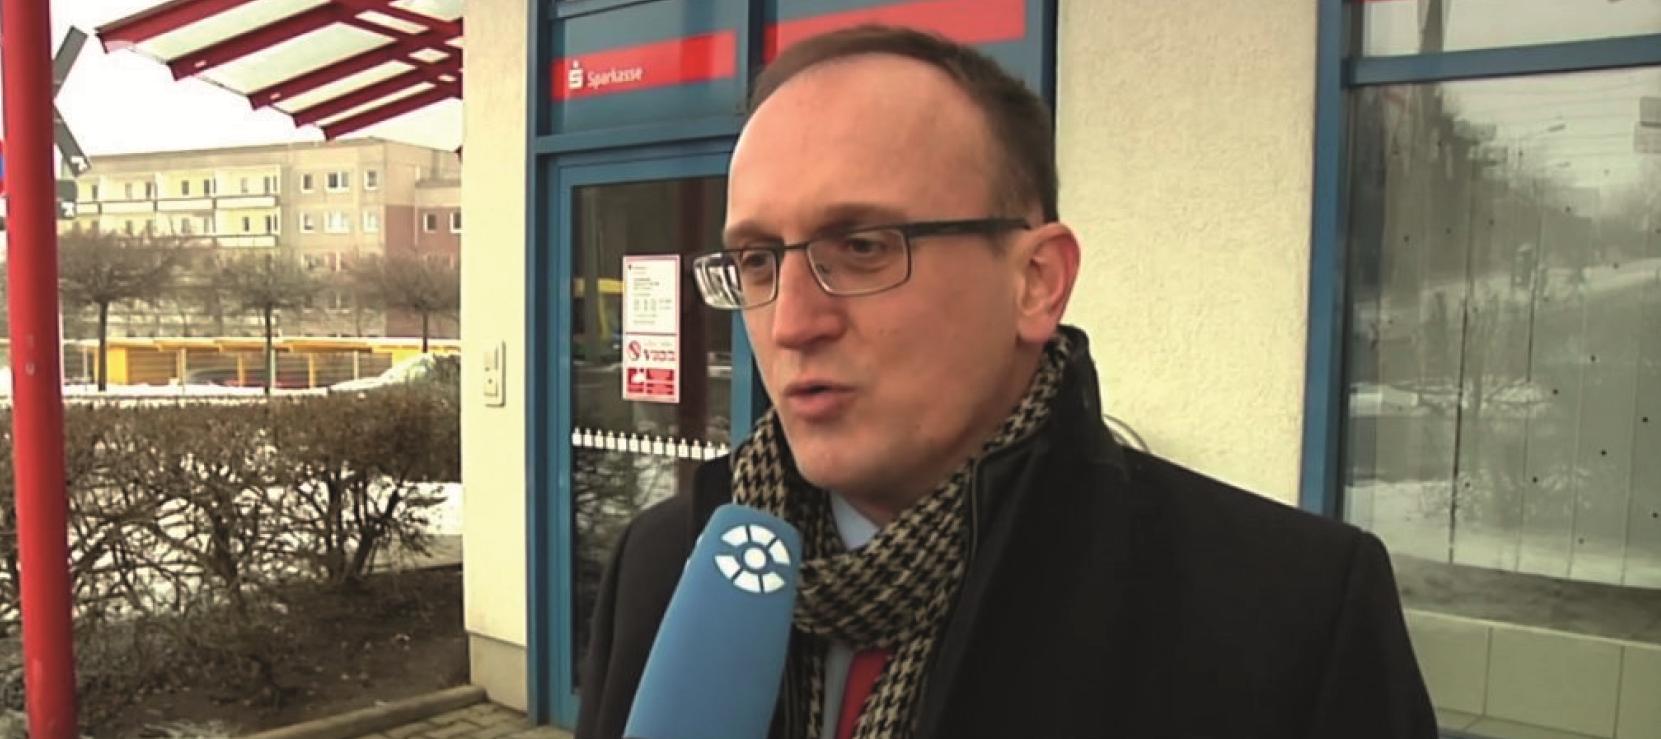 Jörg_Sparkasse